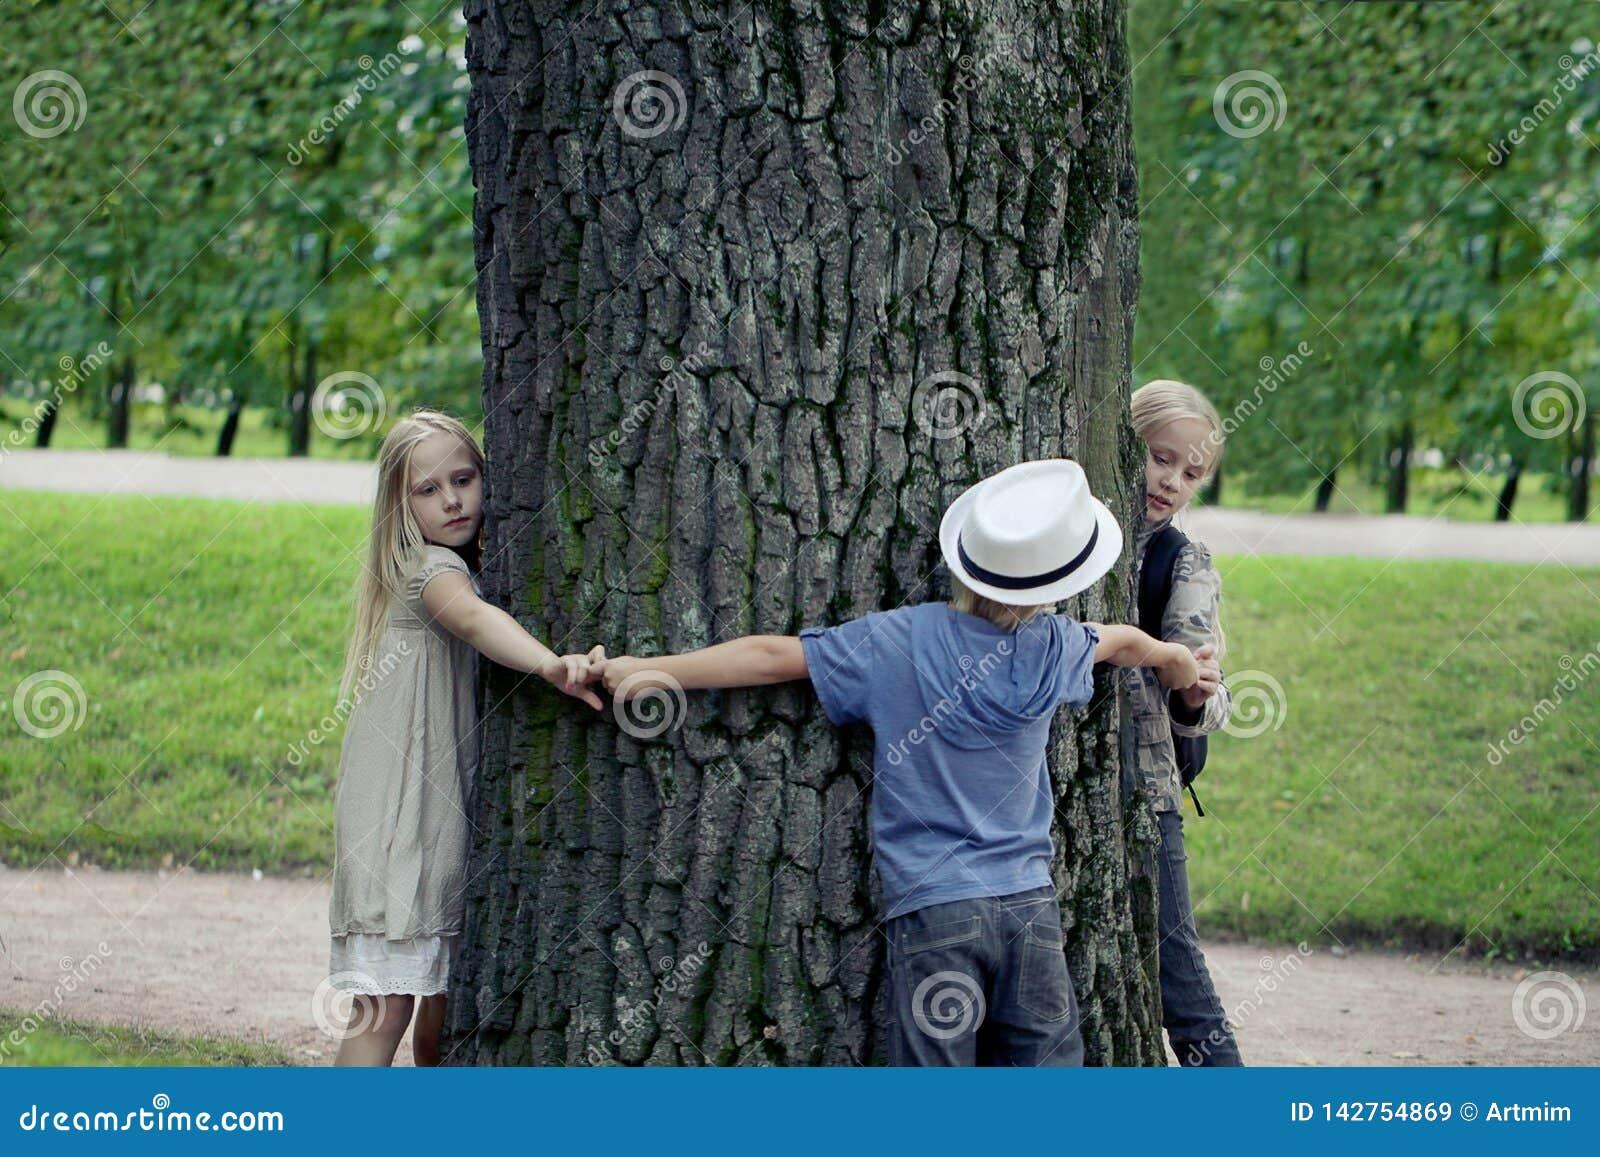 拥抱树的孩子 环保室外自然 户外保护